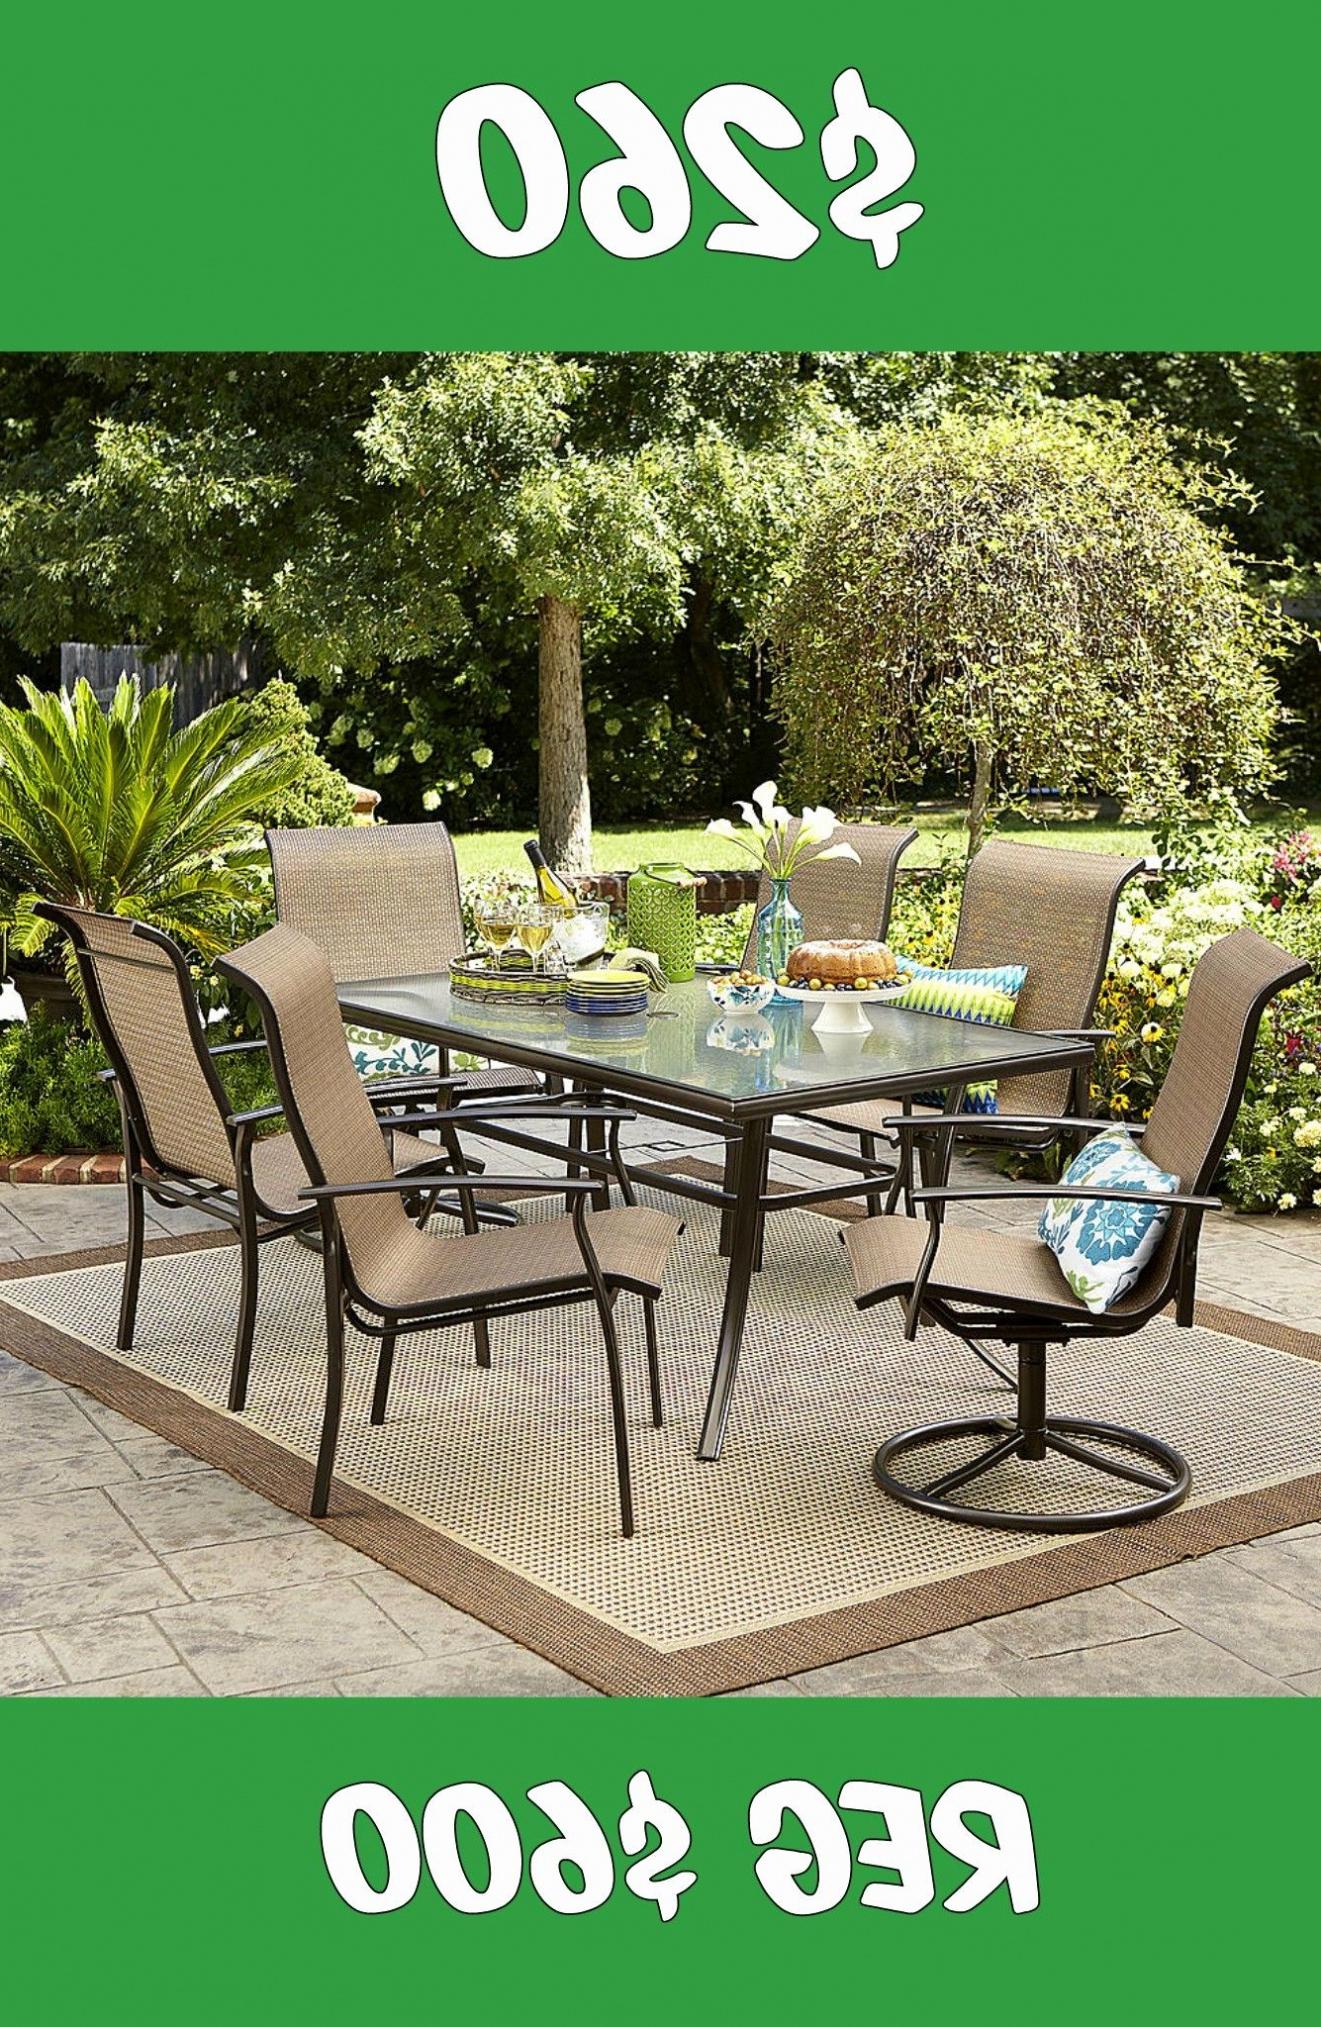 Mesas Y Sillas Jardin Carrefour 8ydm Mesas Y Sillas De Jardin Carrefour Best Garden Oasis Harrison 7